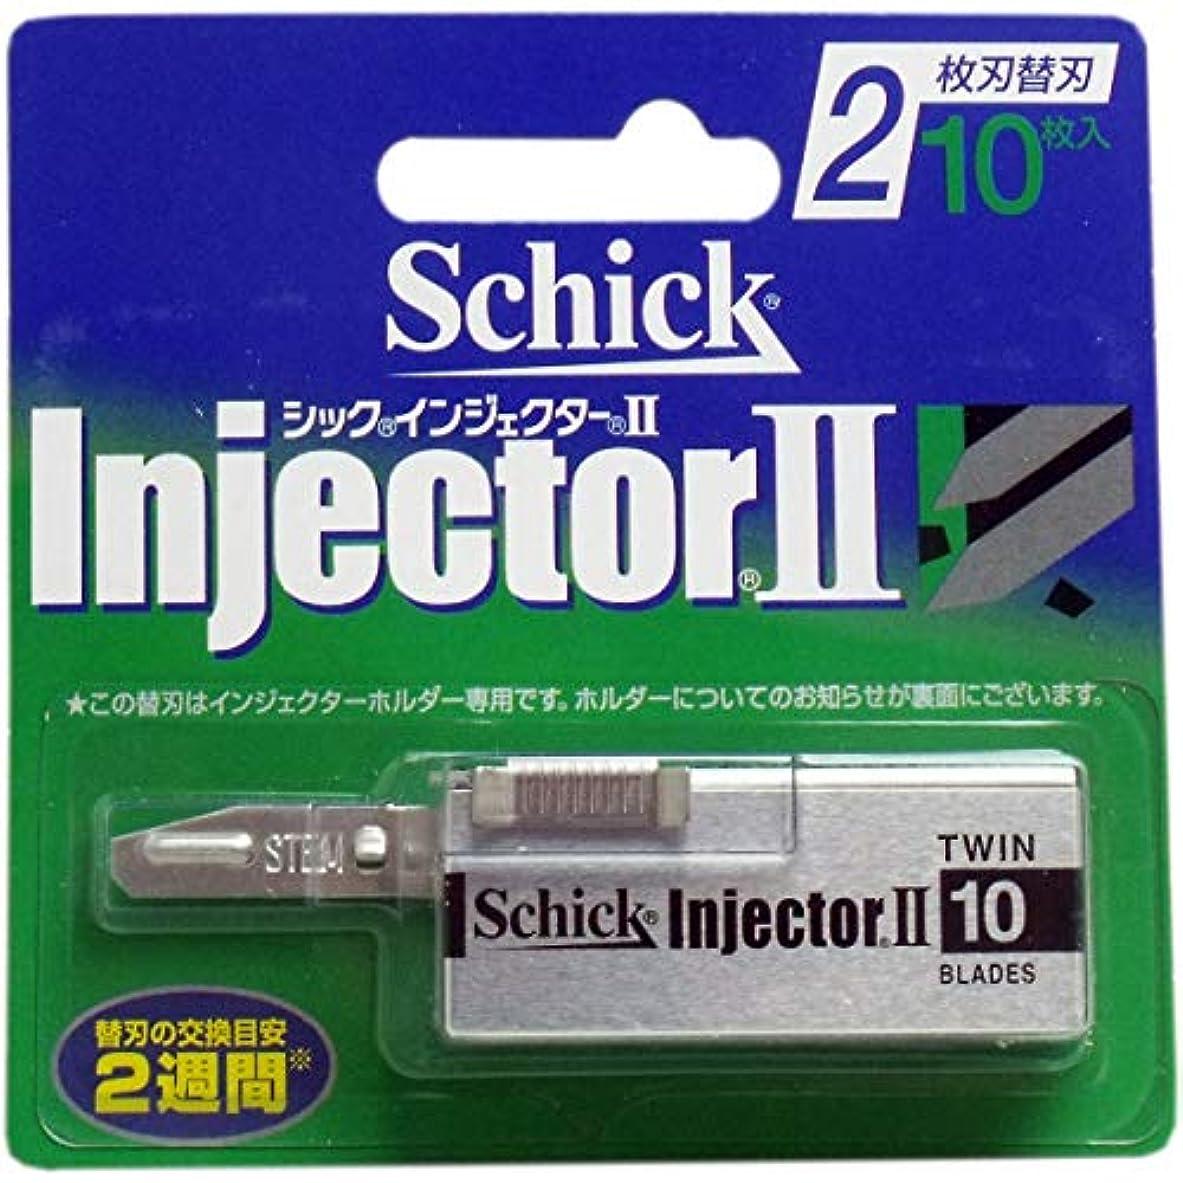 パール症候群ダイヤルシック インジェクター2 2枚刃 替刃 10枚入×10個セット